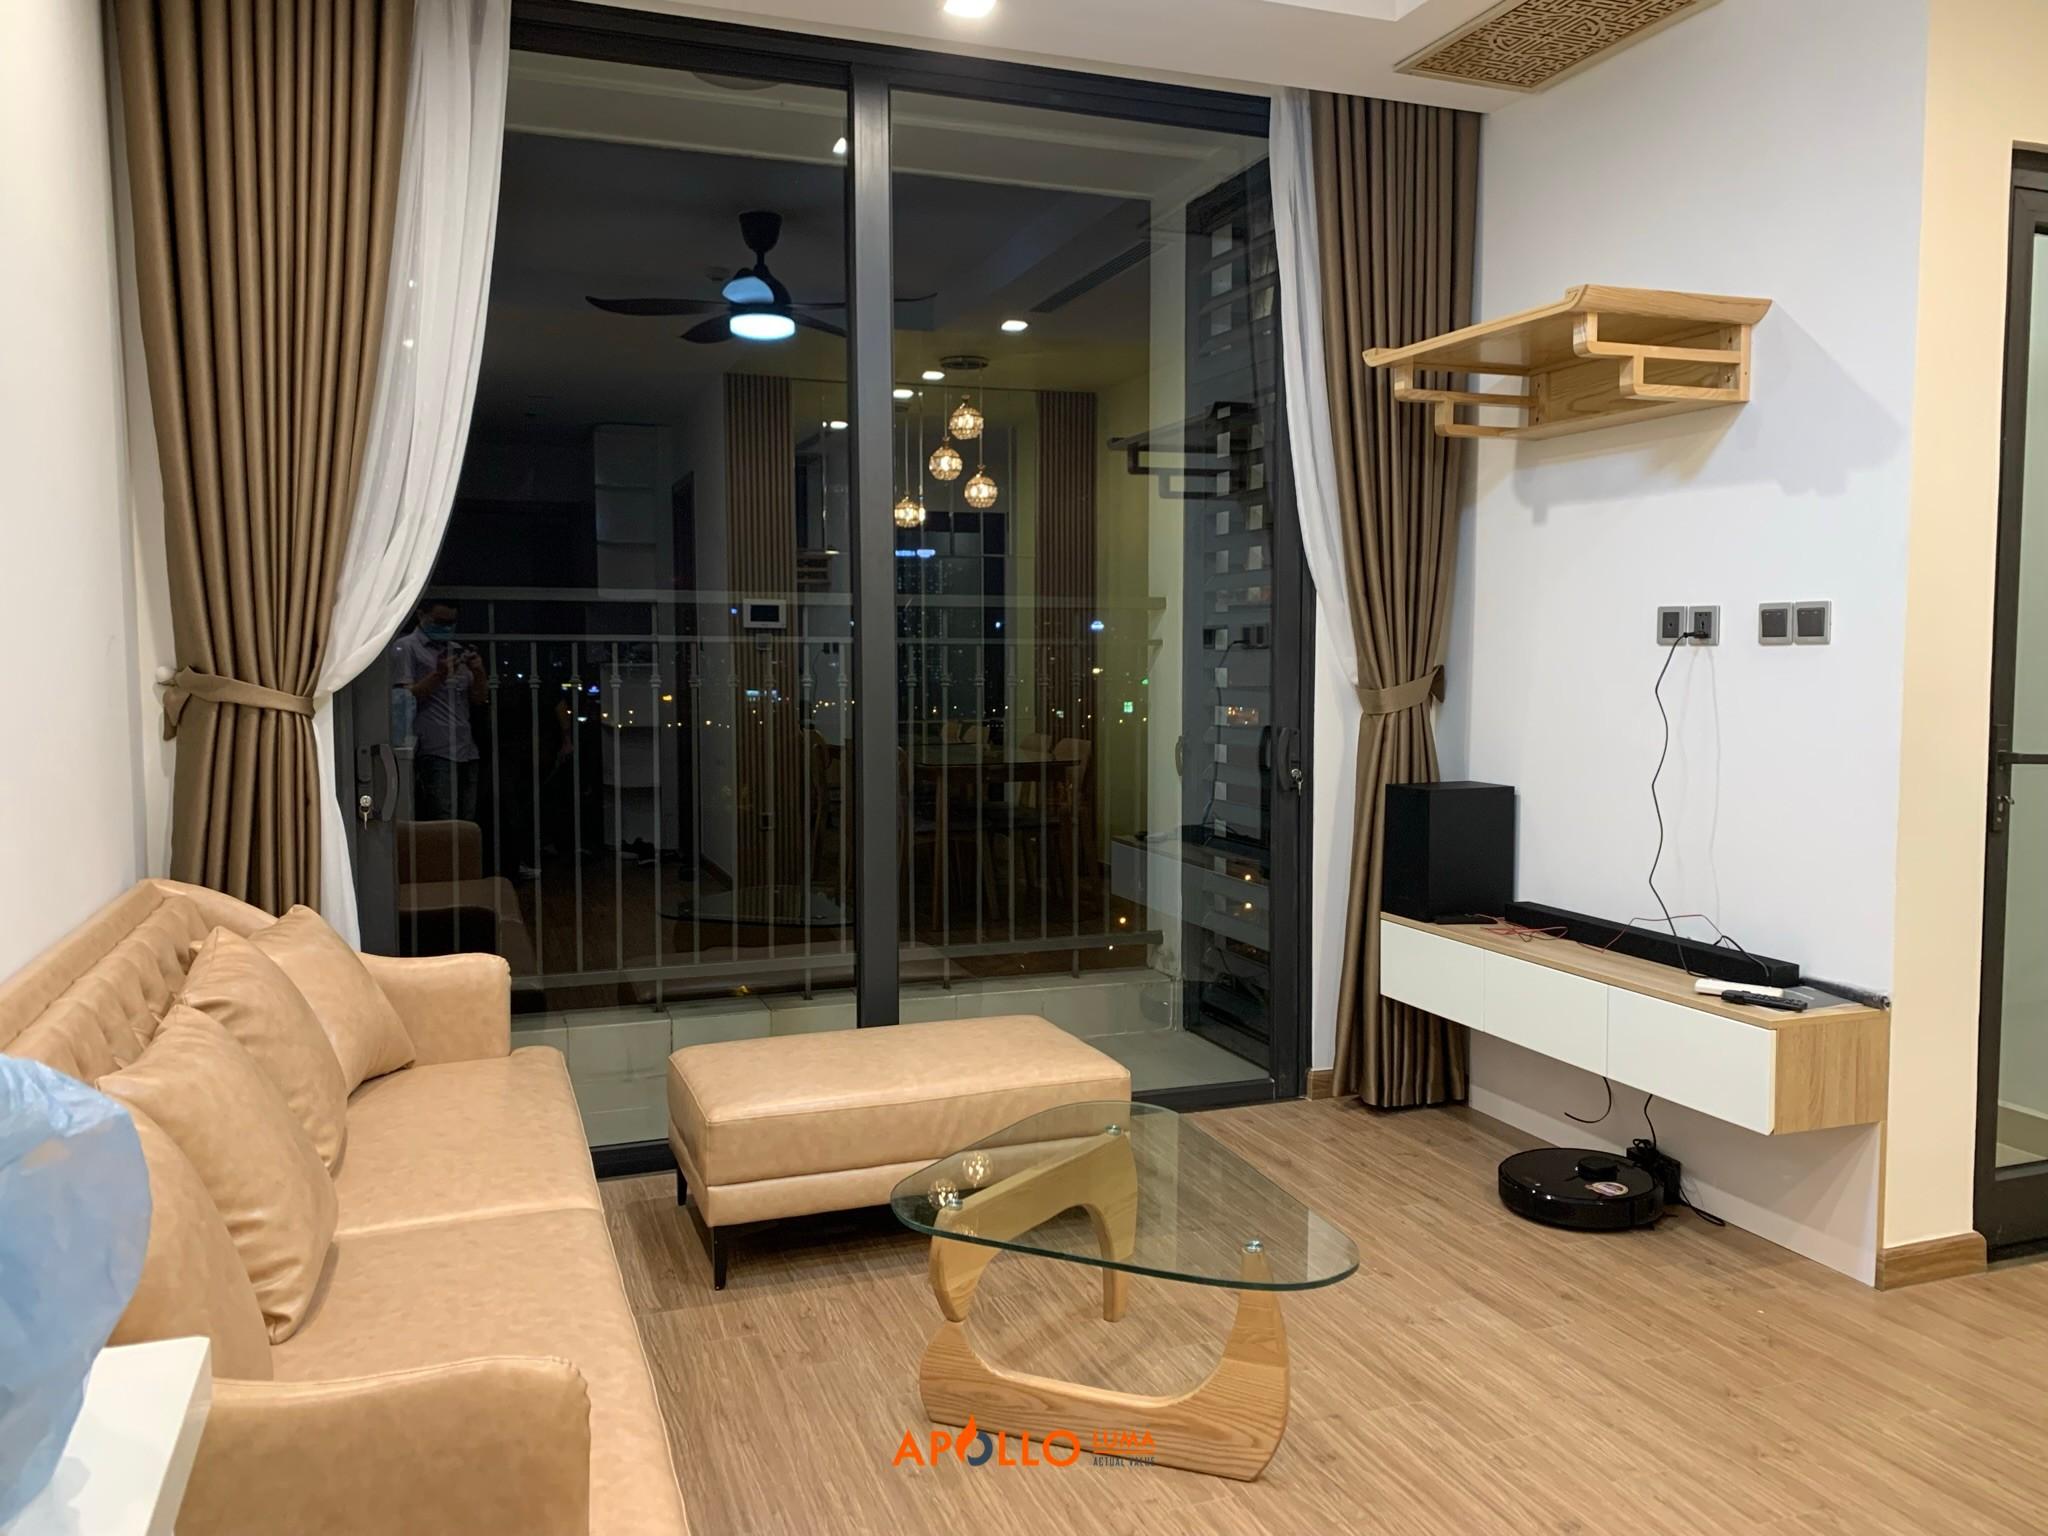 oàn thiện bàn giao căn hộ 2 phòng ngủ Vinhomes Green Bay